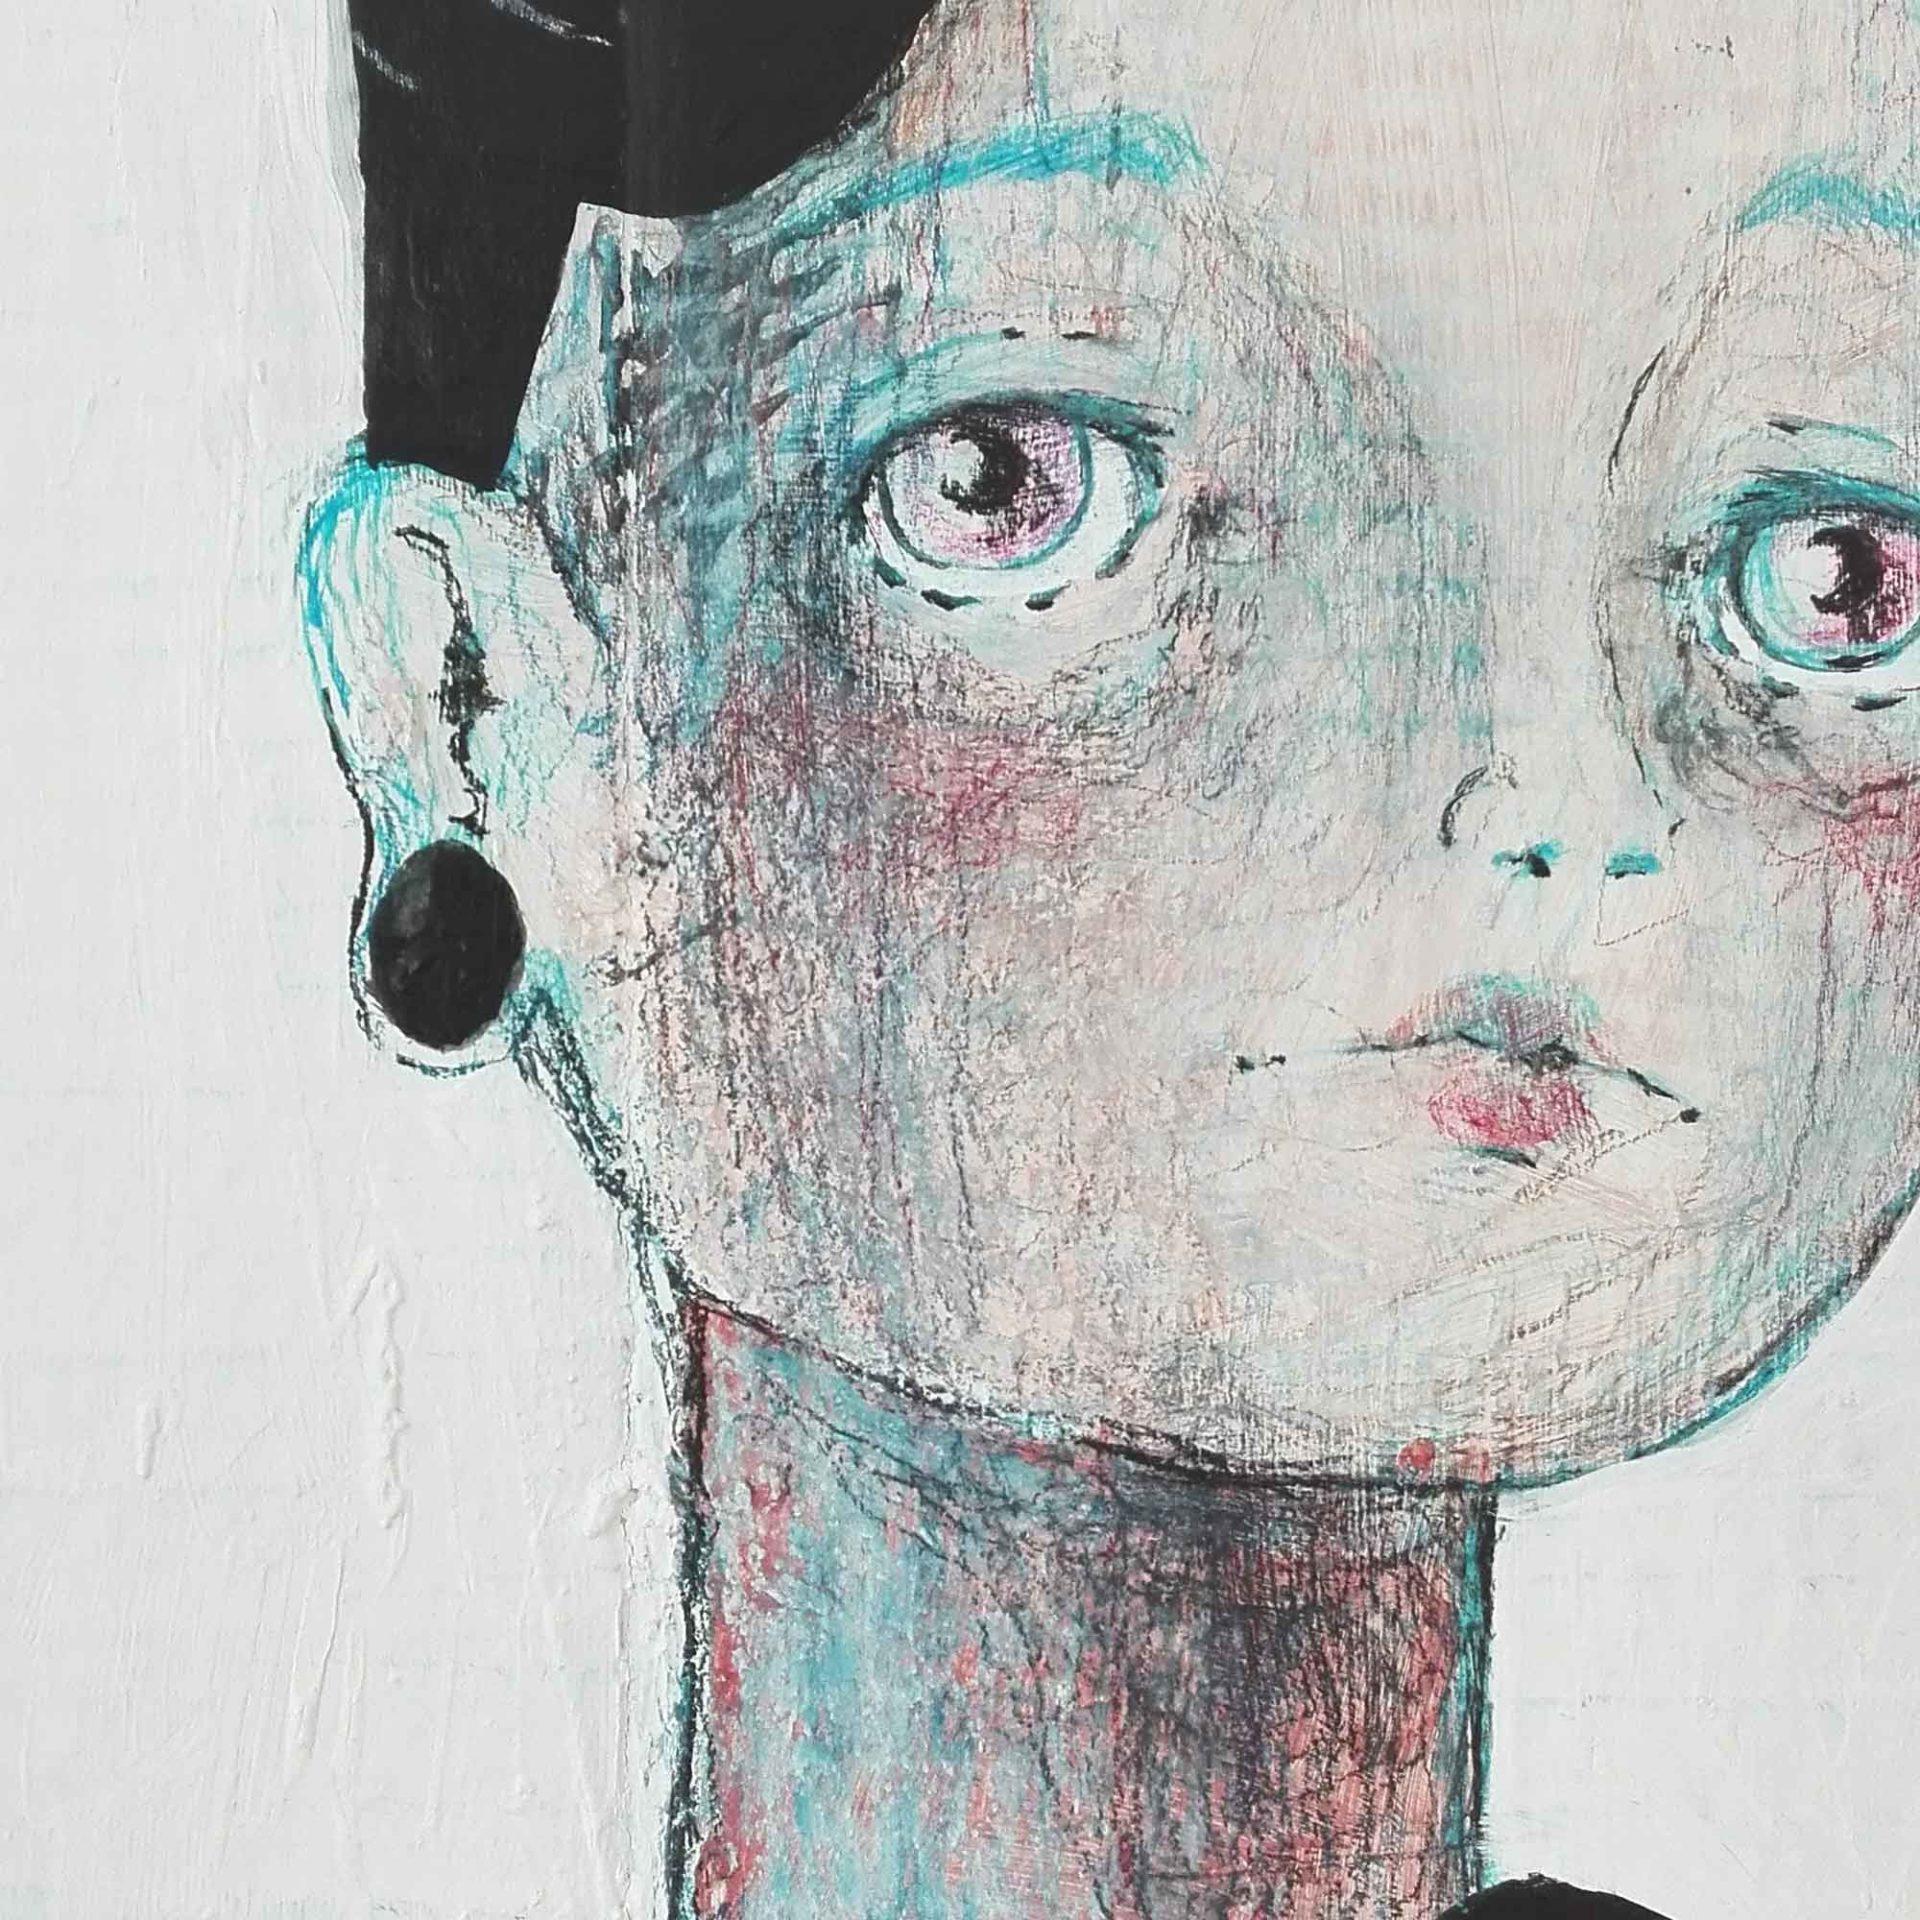 2015 Burnout 1999 Pittura Contemporanea di Diego Gabriele